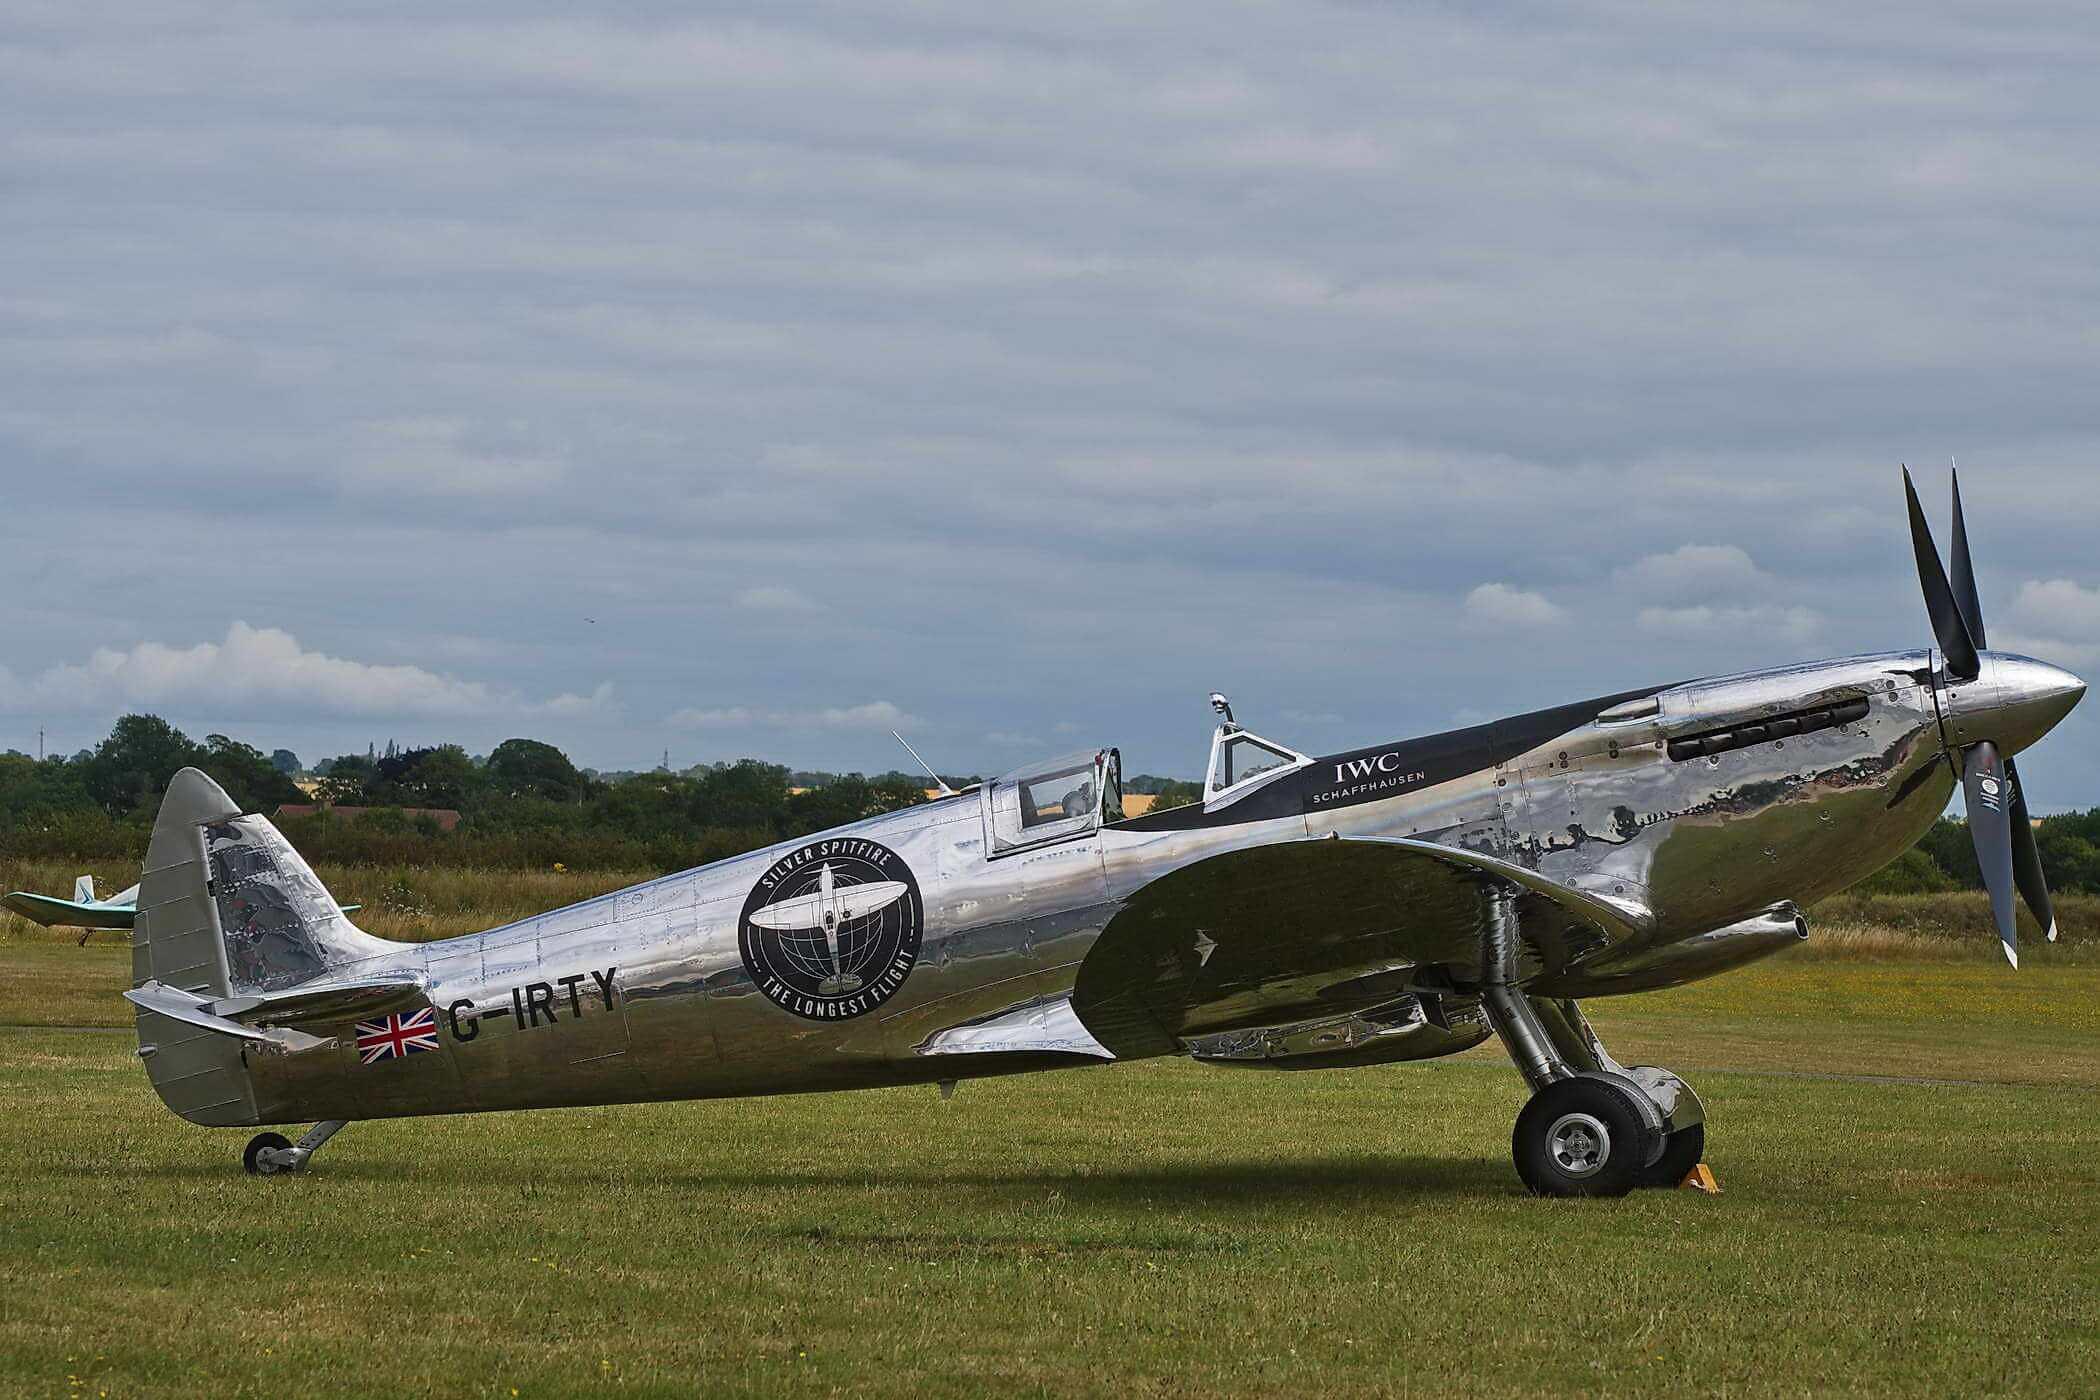 Spitfire Mk.IX MJ271 -The Silver Spitfire-